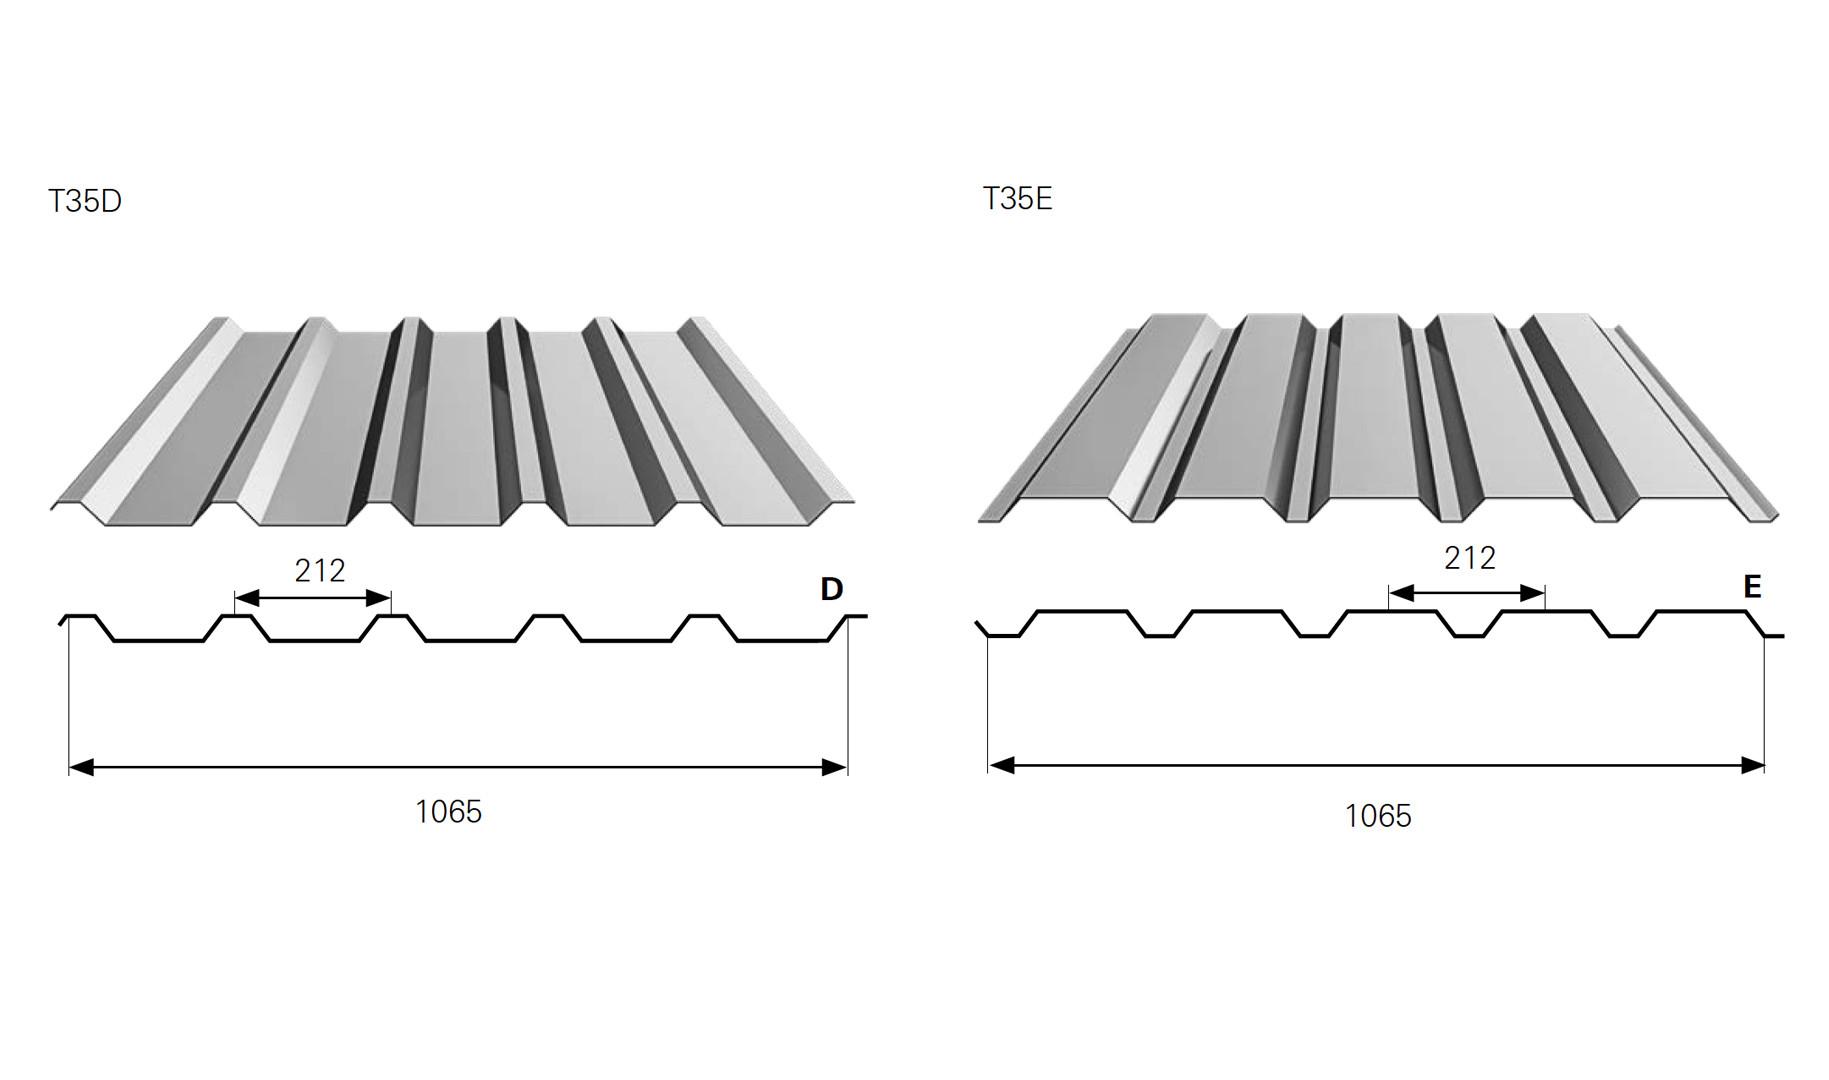 blacha trapezowa t35 specyfikacja